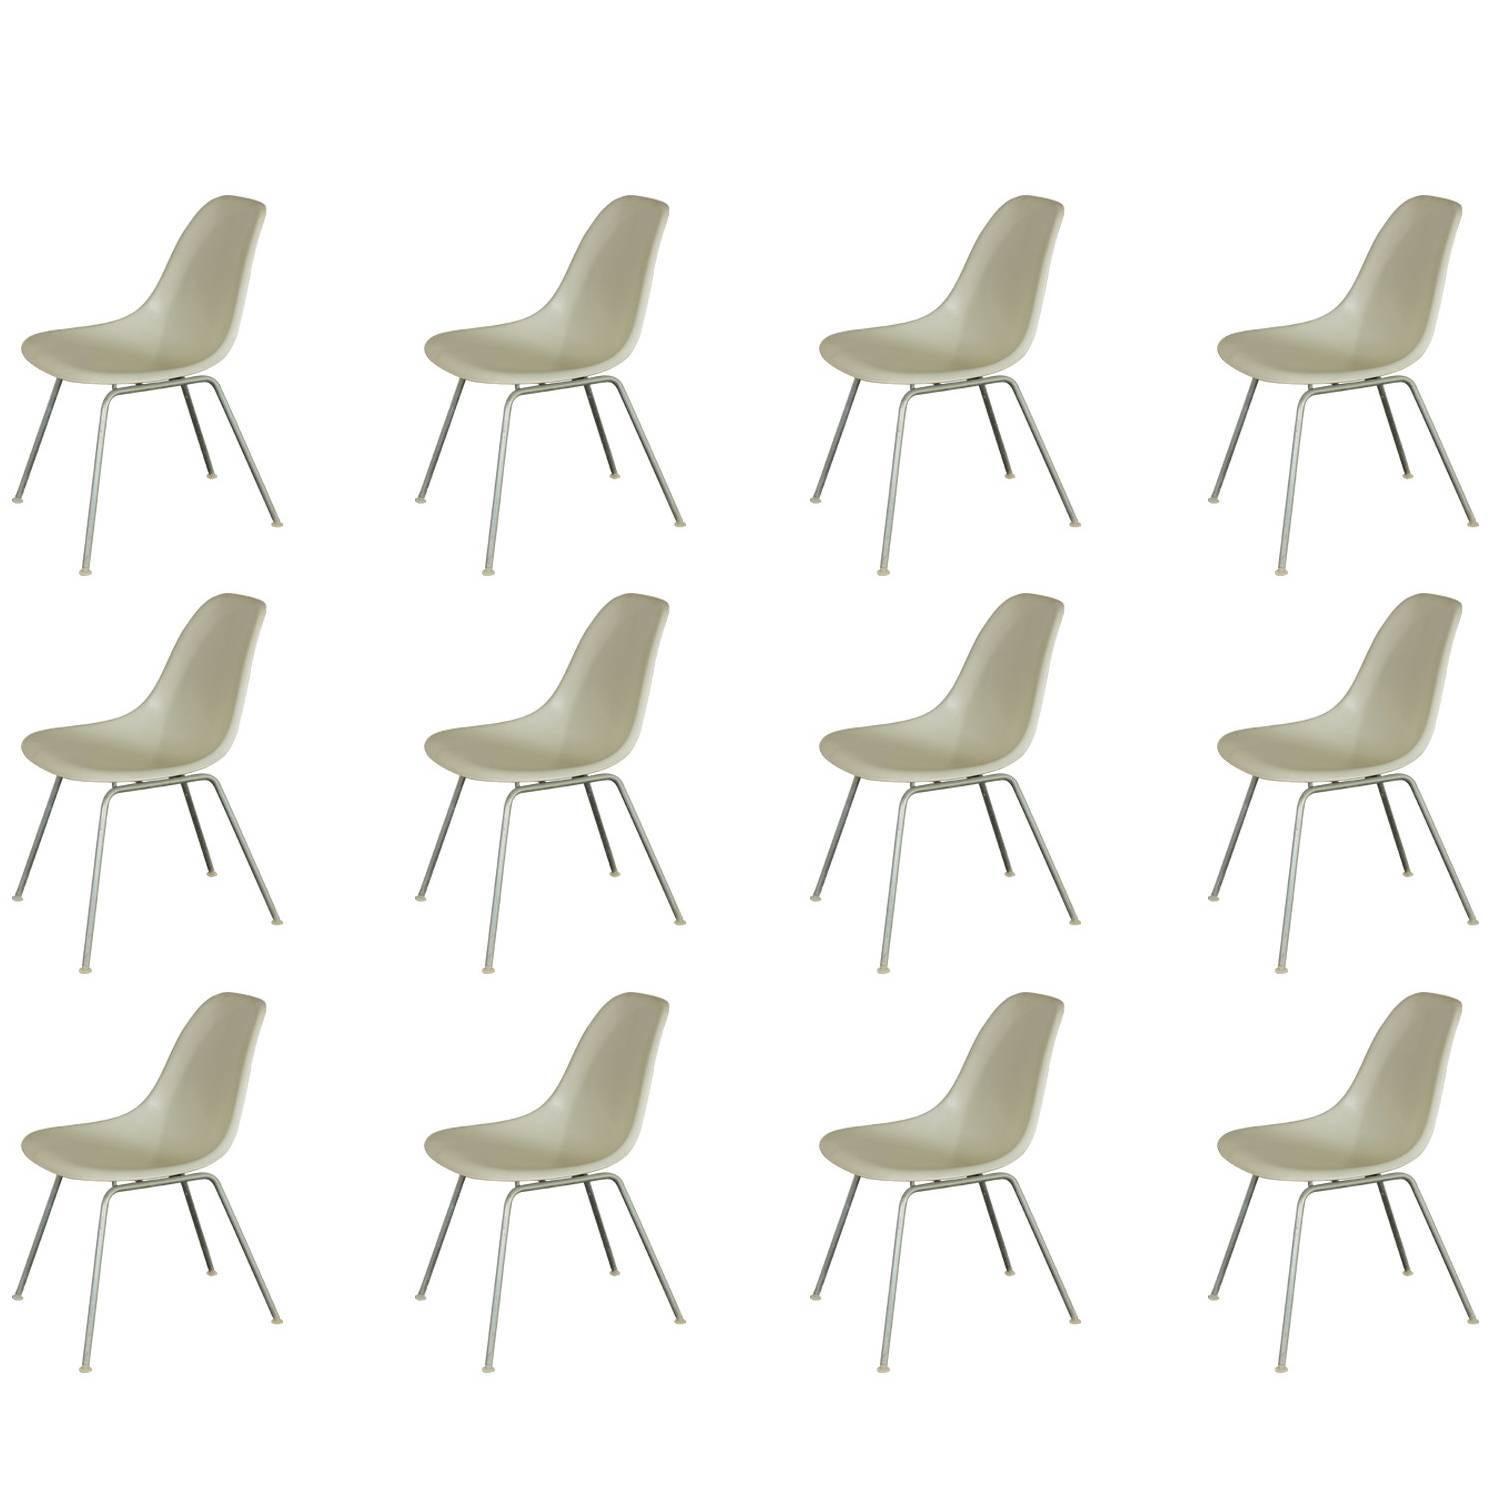 Eames for Herman Miller White Fiberglass Shell Chairs